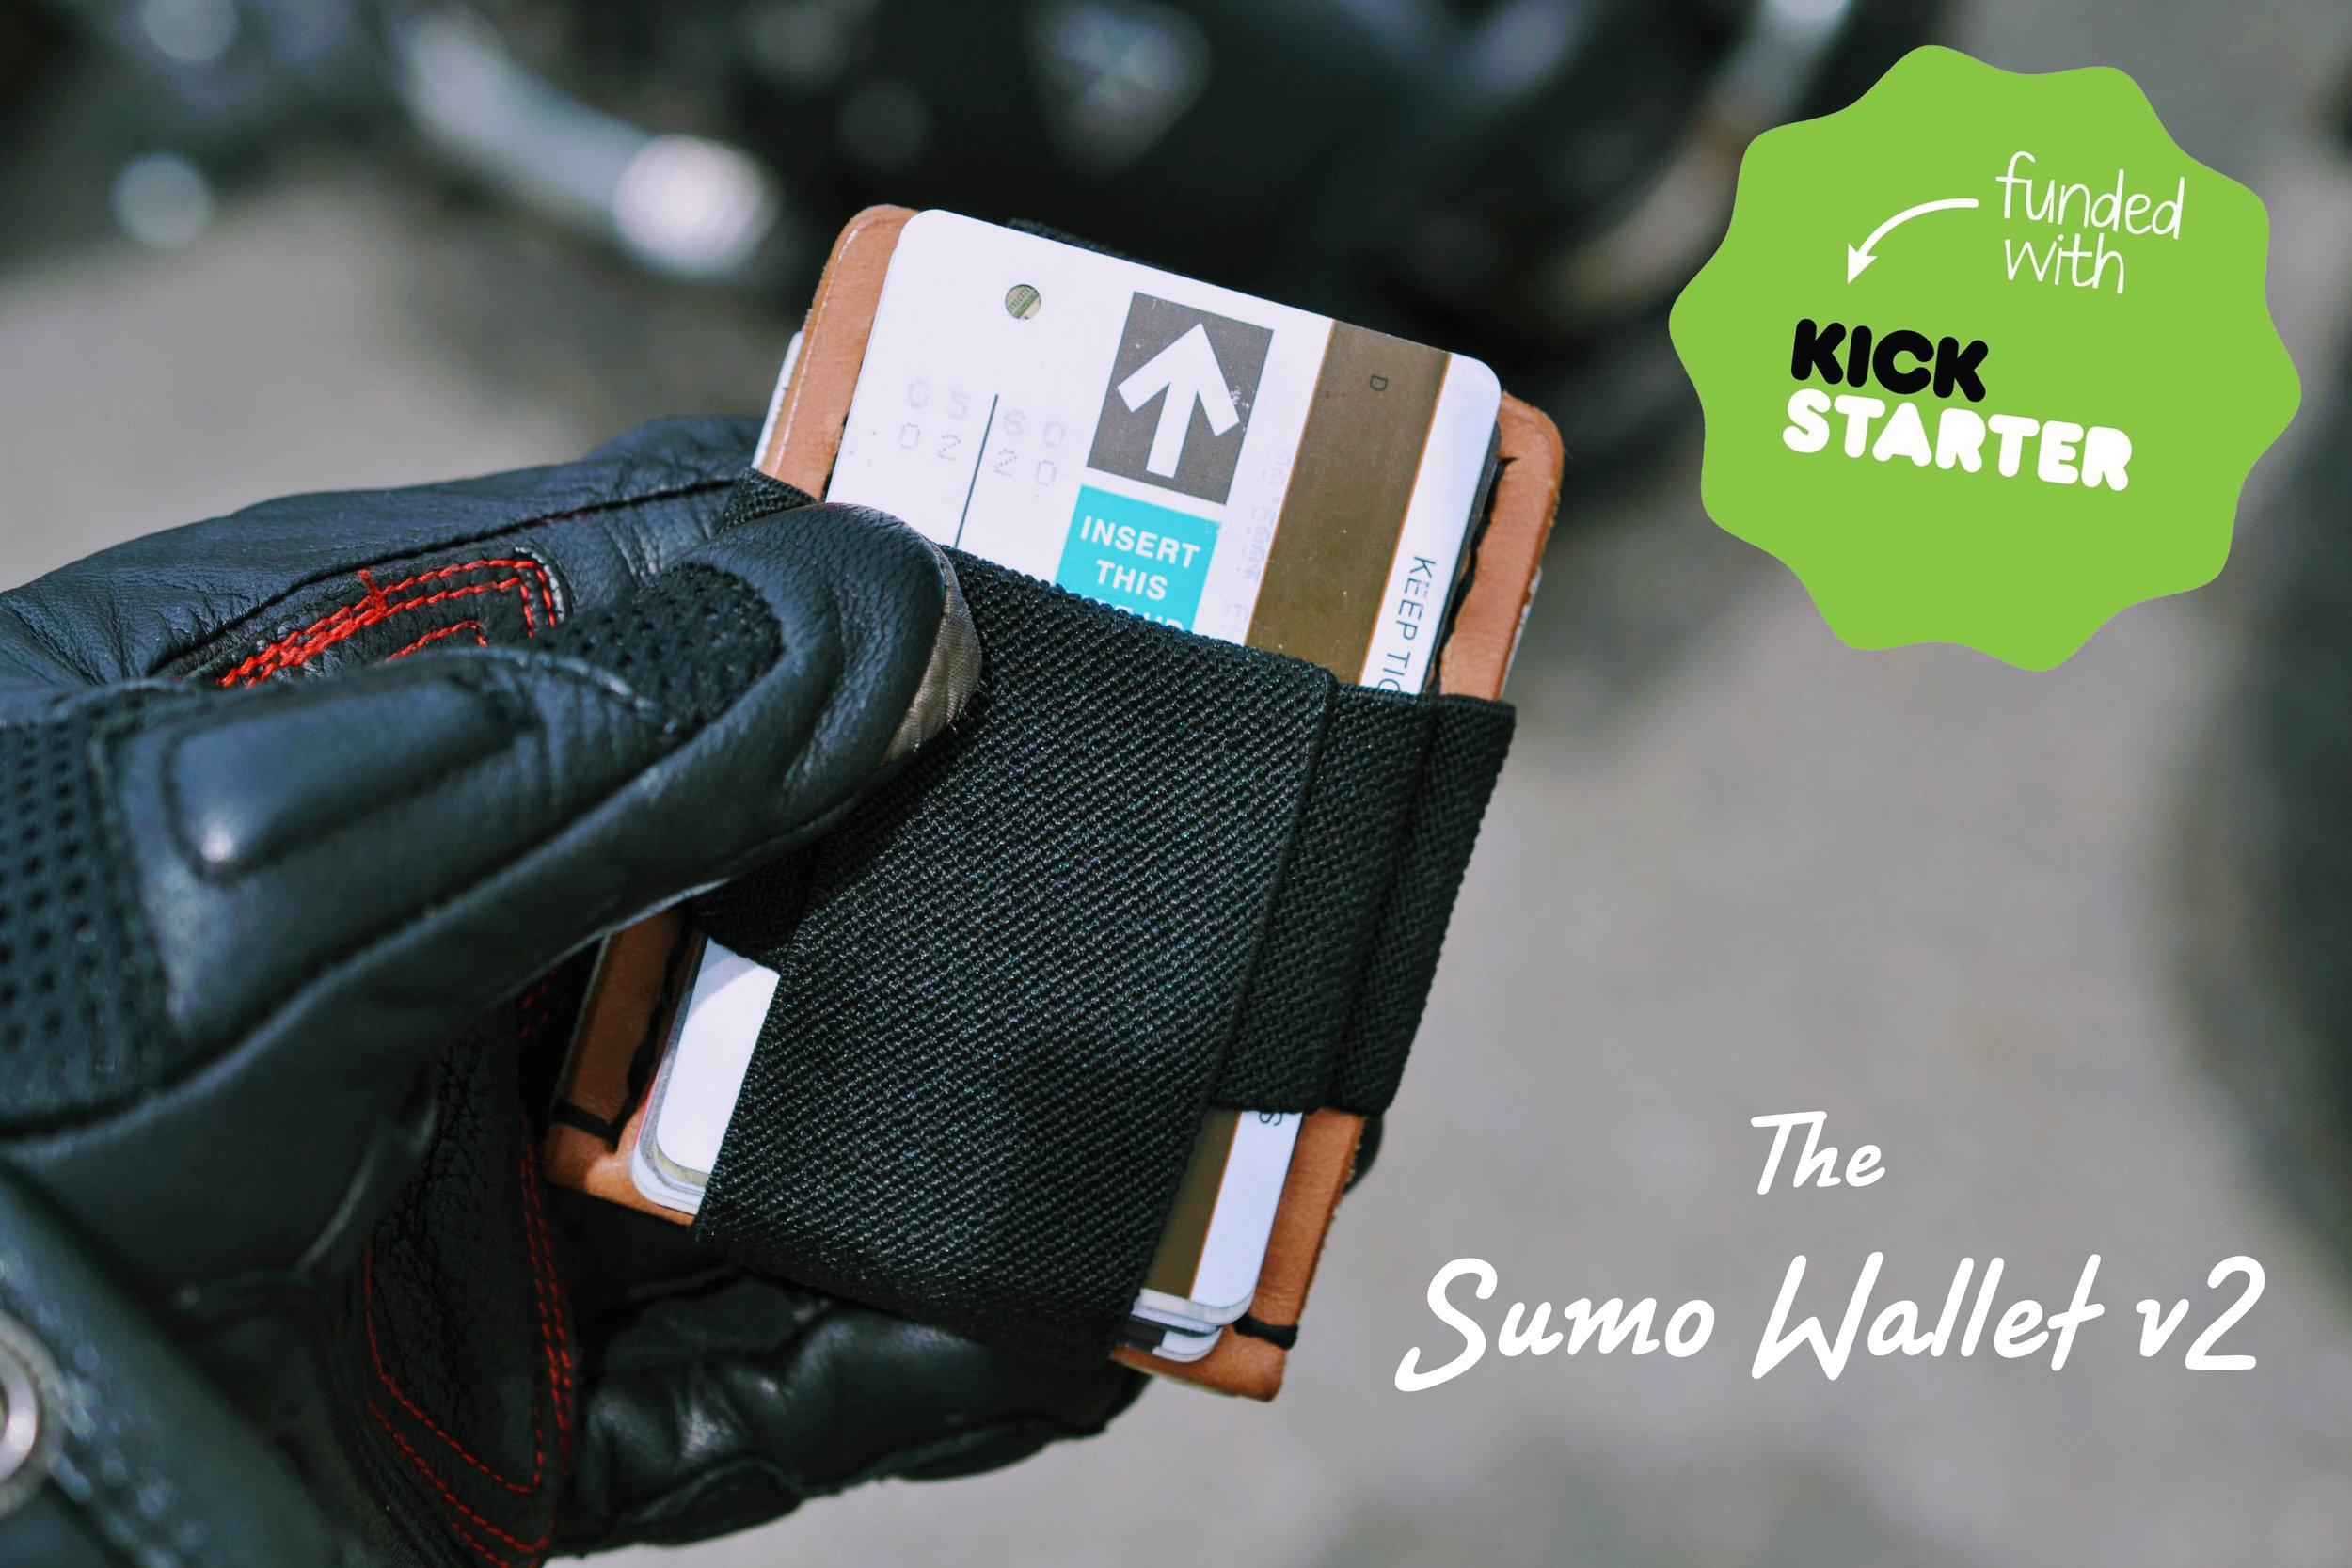 The Sumo Wallet v2